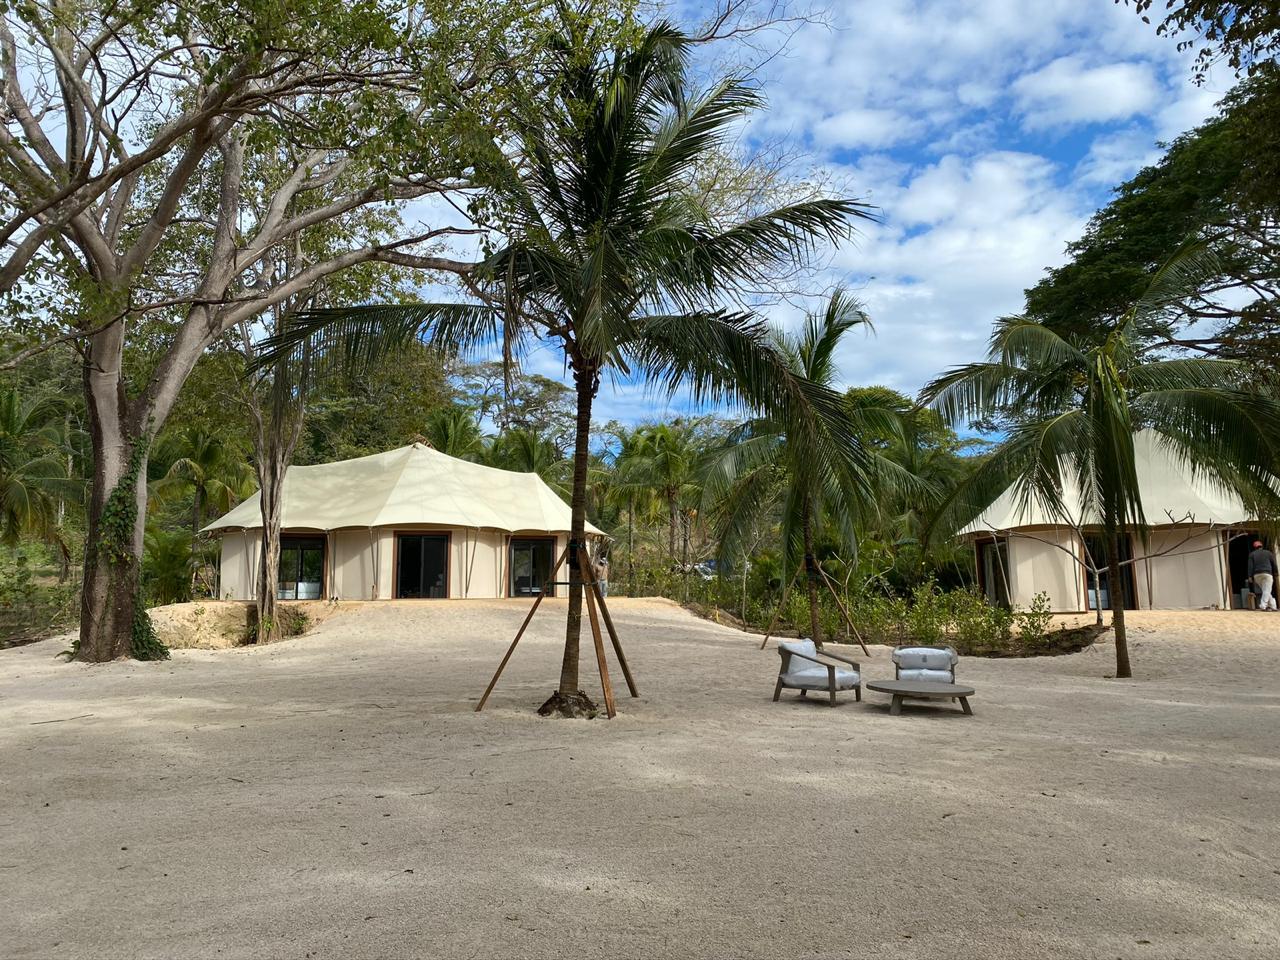 Luxurious African Safari Tent